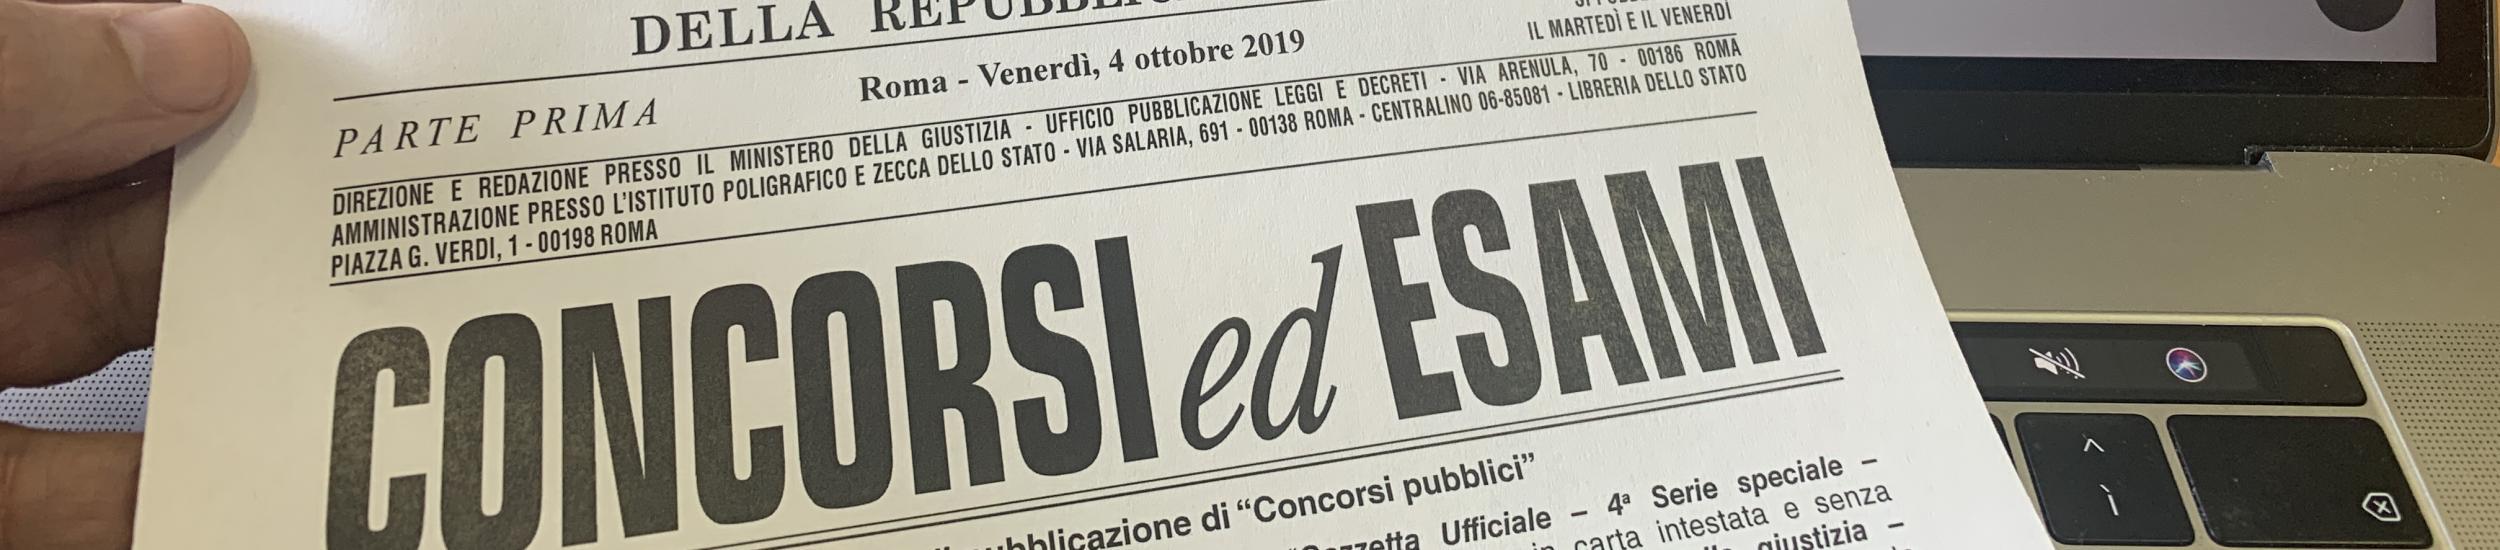 Concorsi pubblicati sulla Gazzetta Ufficiale